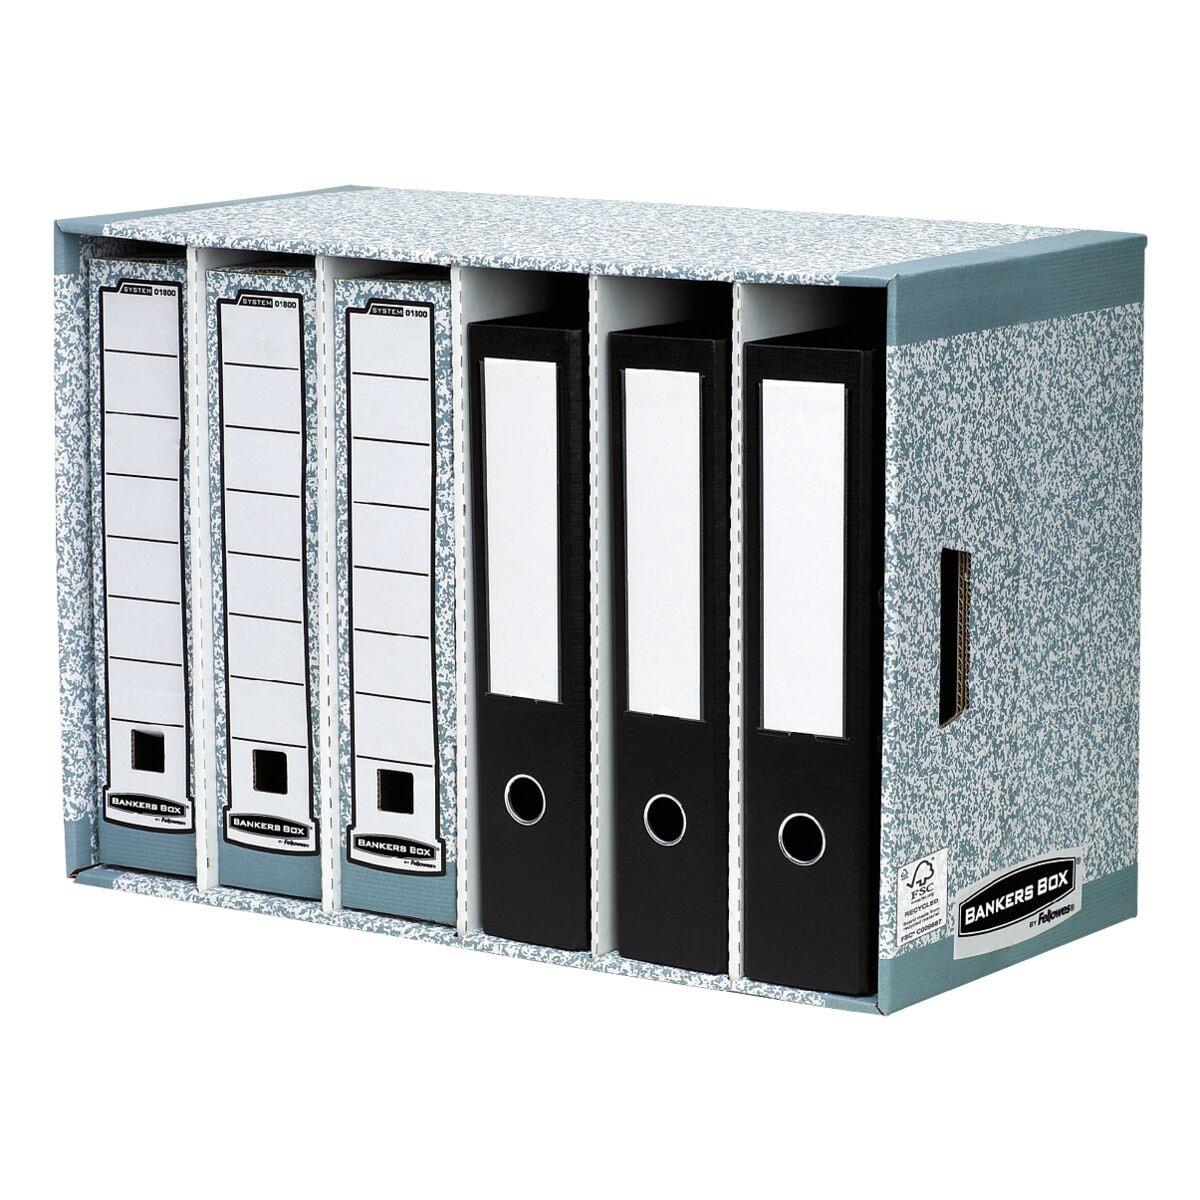 Bankers Box System Organiseur de classeurs